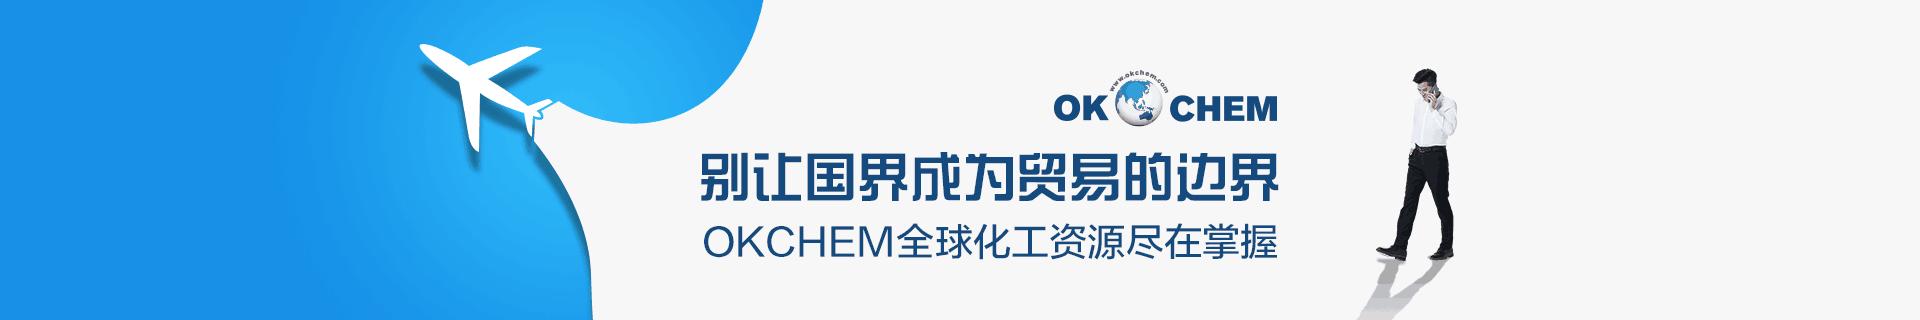 OKCHEMV2.0_ONLINE